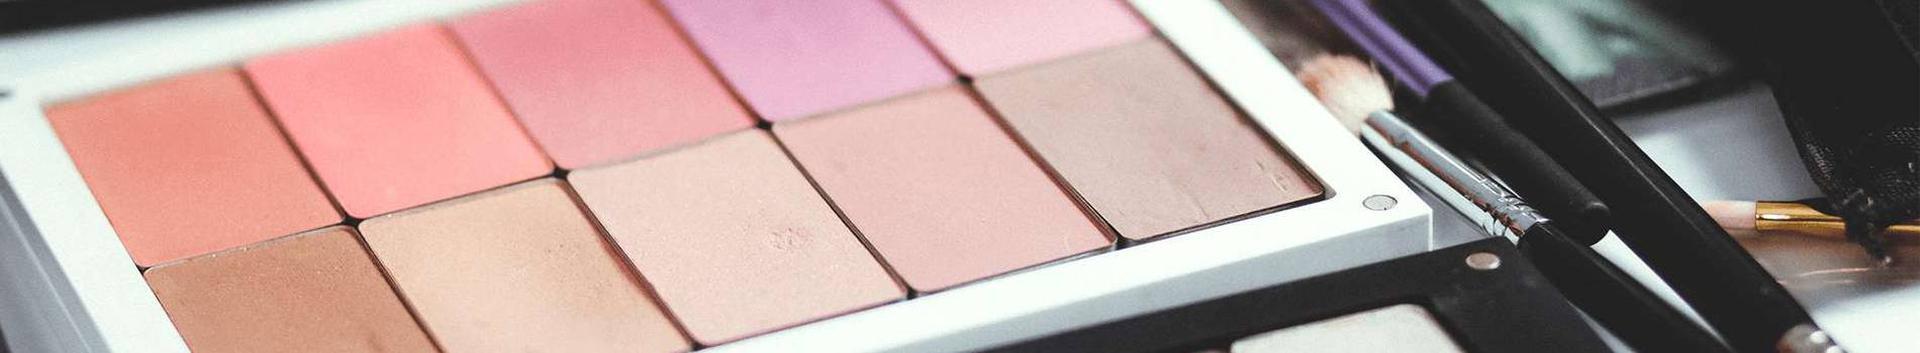 46451_kosmeetika-hulgimuuk_58154157_xl.jpg